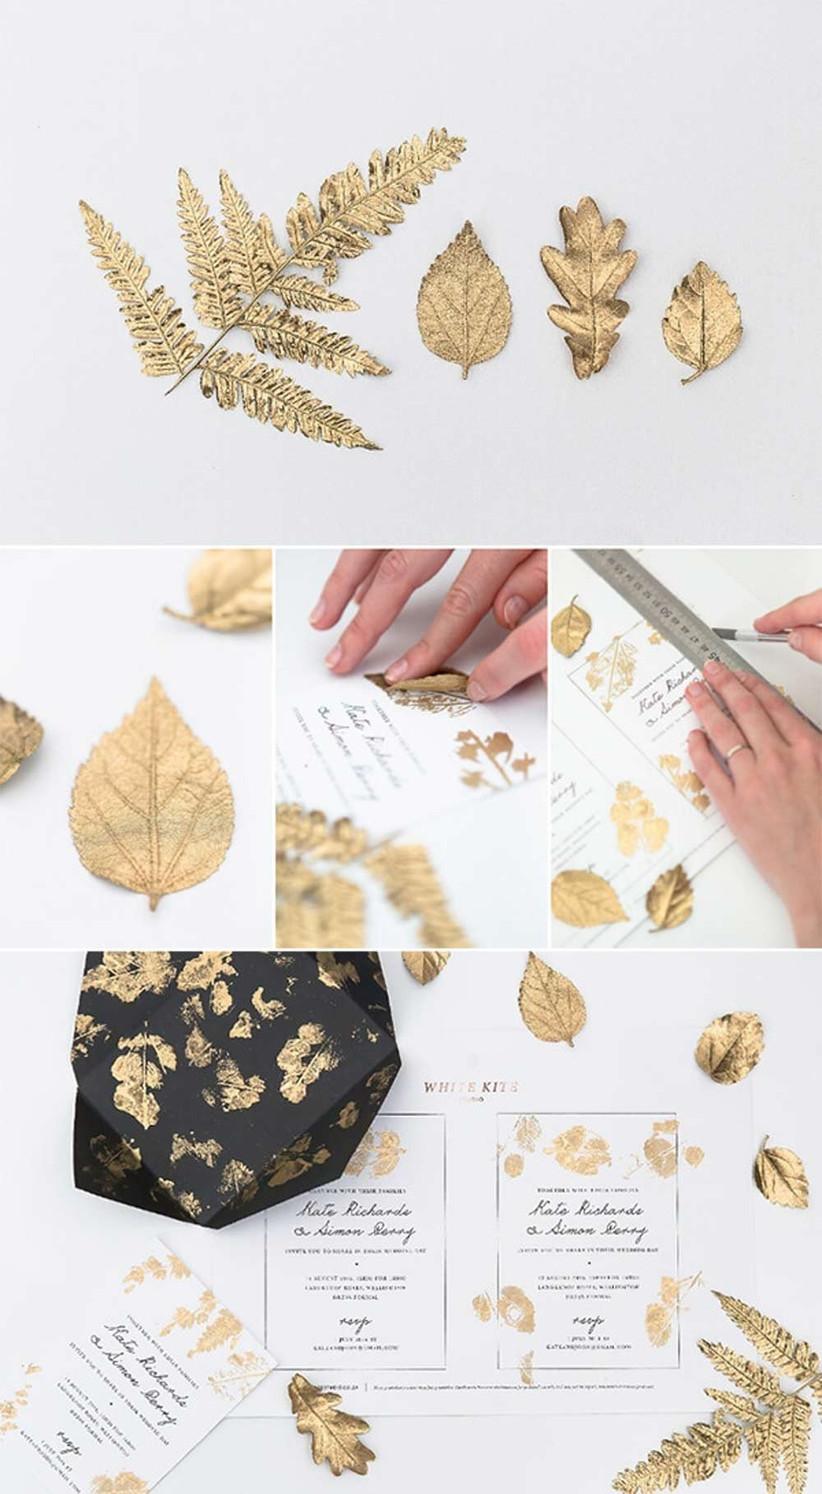 diy-gold-leaf-wedding-invitations